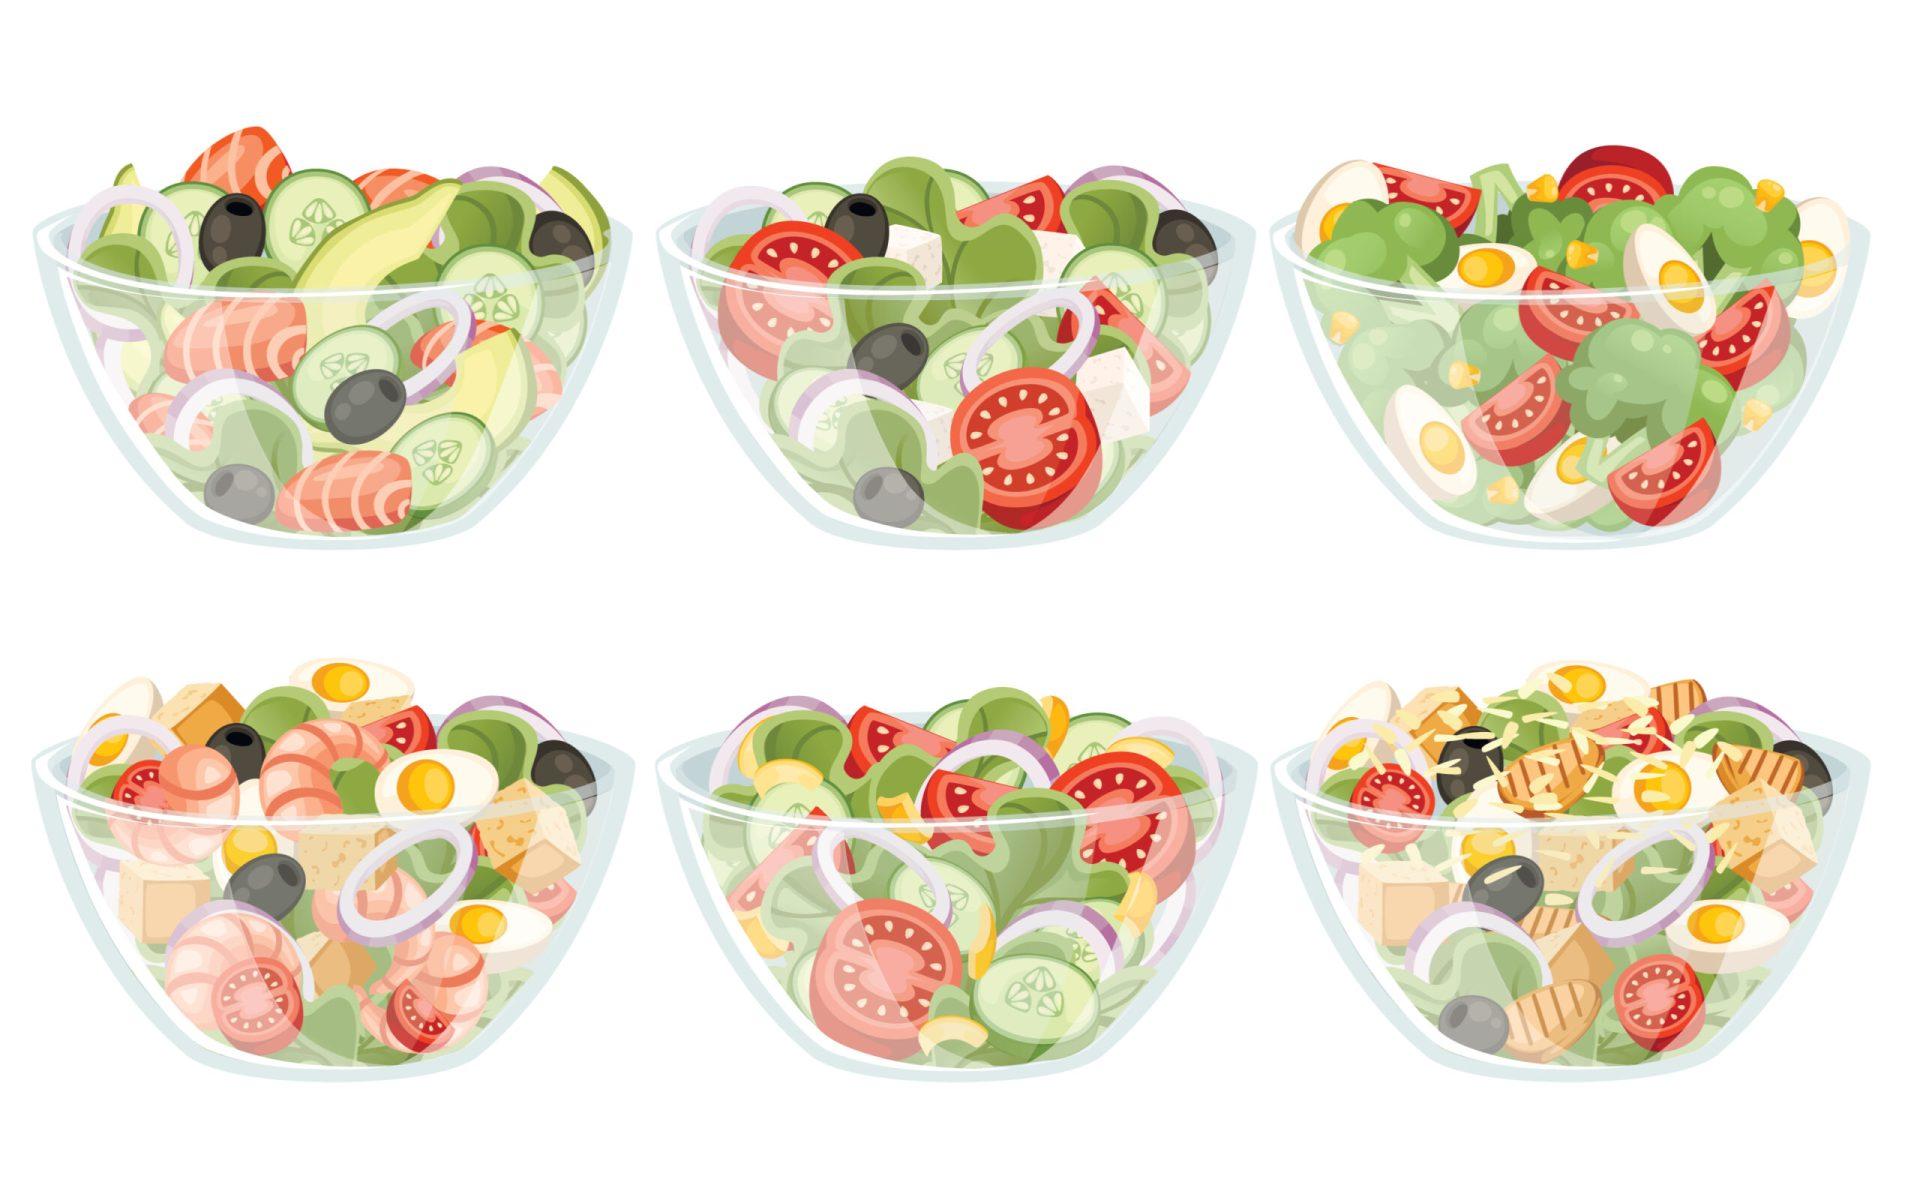 Cautați idei de retete de salate de vara delicioase? Găsiți în articol 10 variante